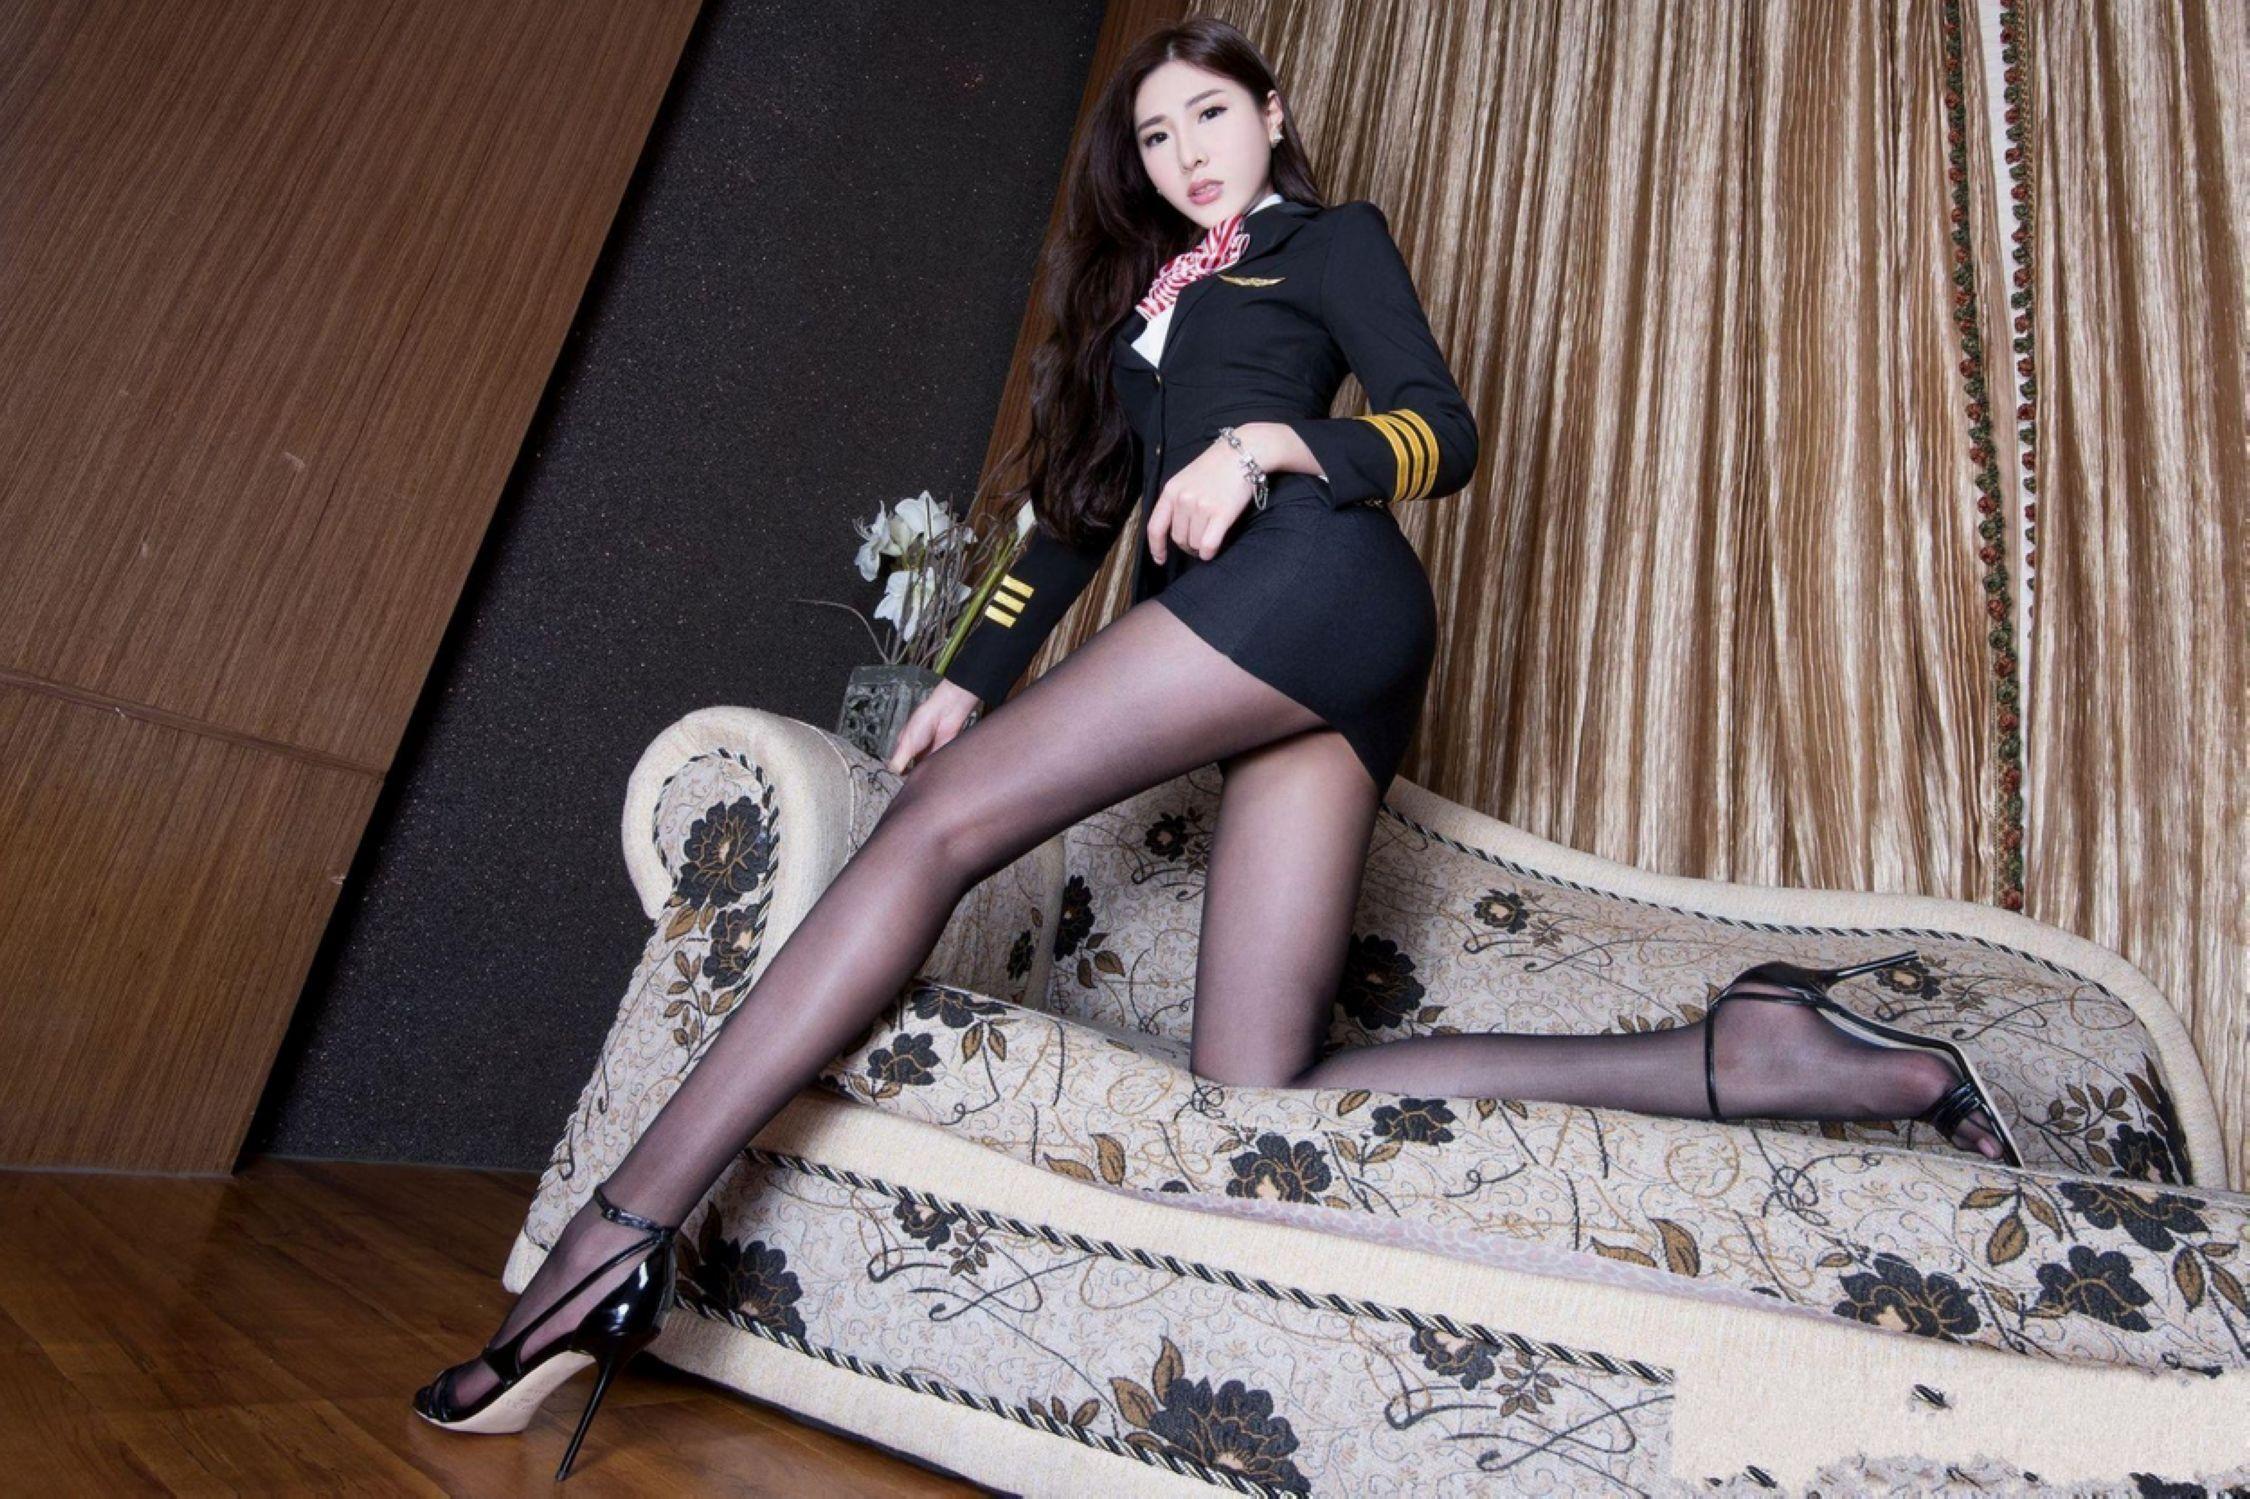 漂亮中国空姐制服美女超大胆�_台湾美腿模特xin空姐制服诱惑大胆美女私密